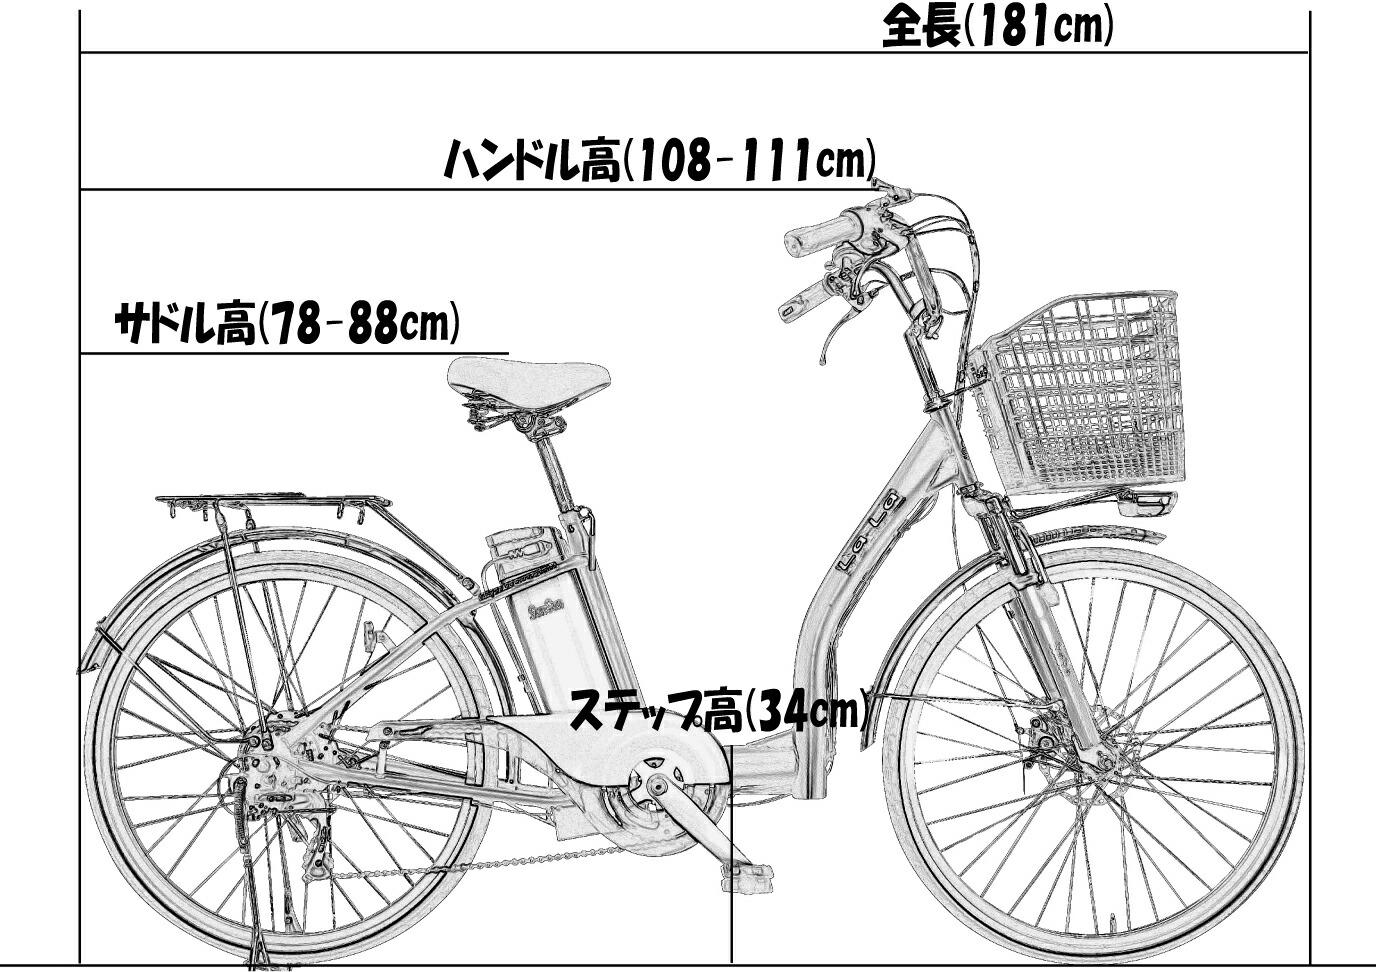 電動自転車 ハイブリッド フル電動自転車 gtr : ... フル電動自転車New GTR MB - Yahoo